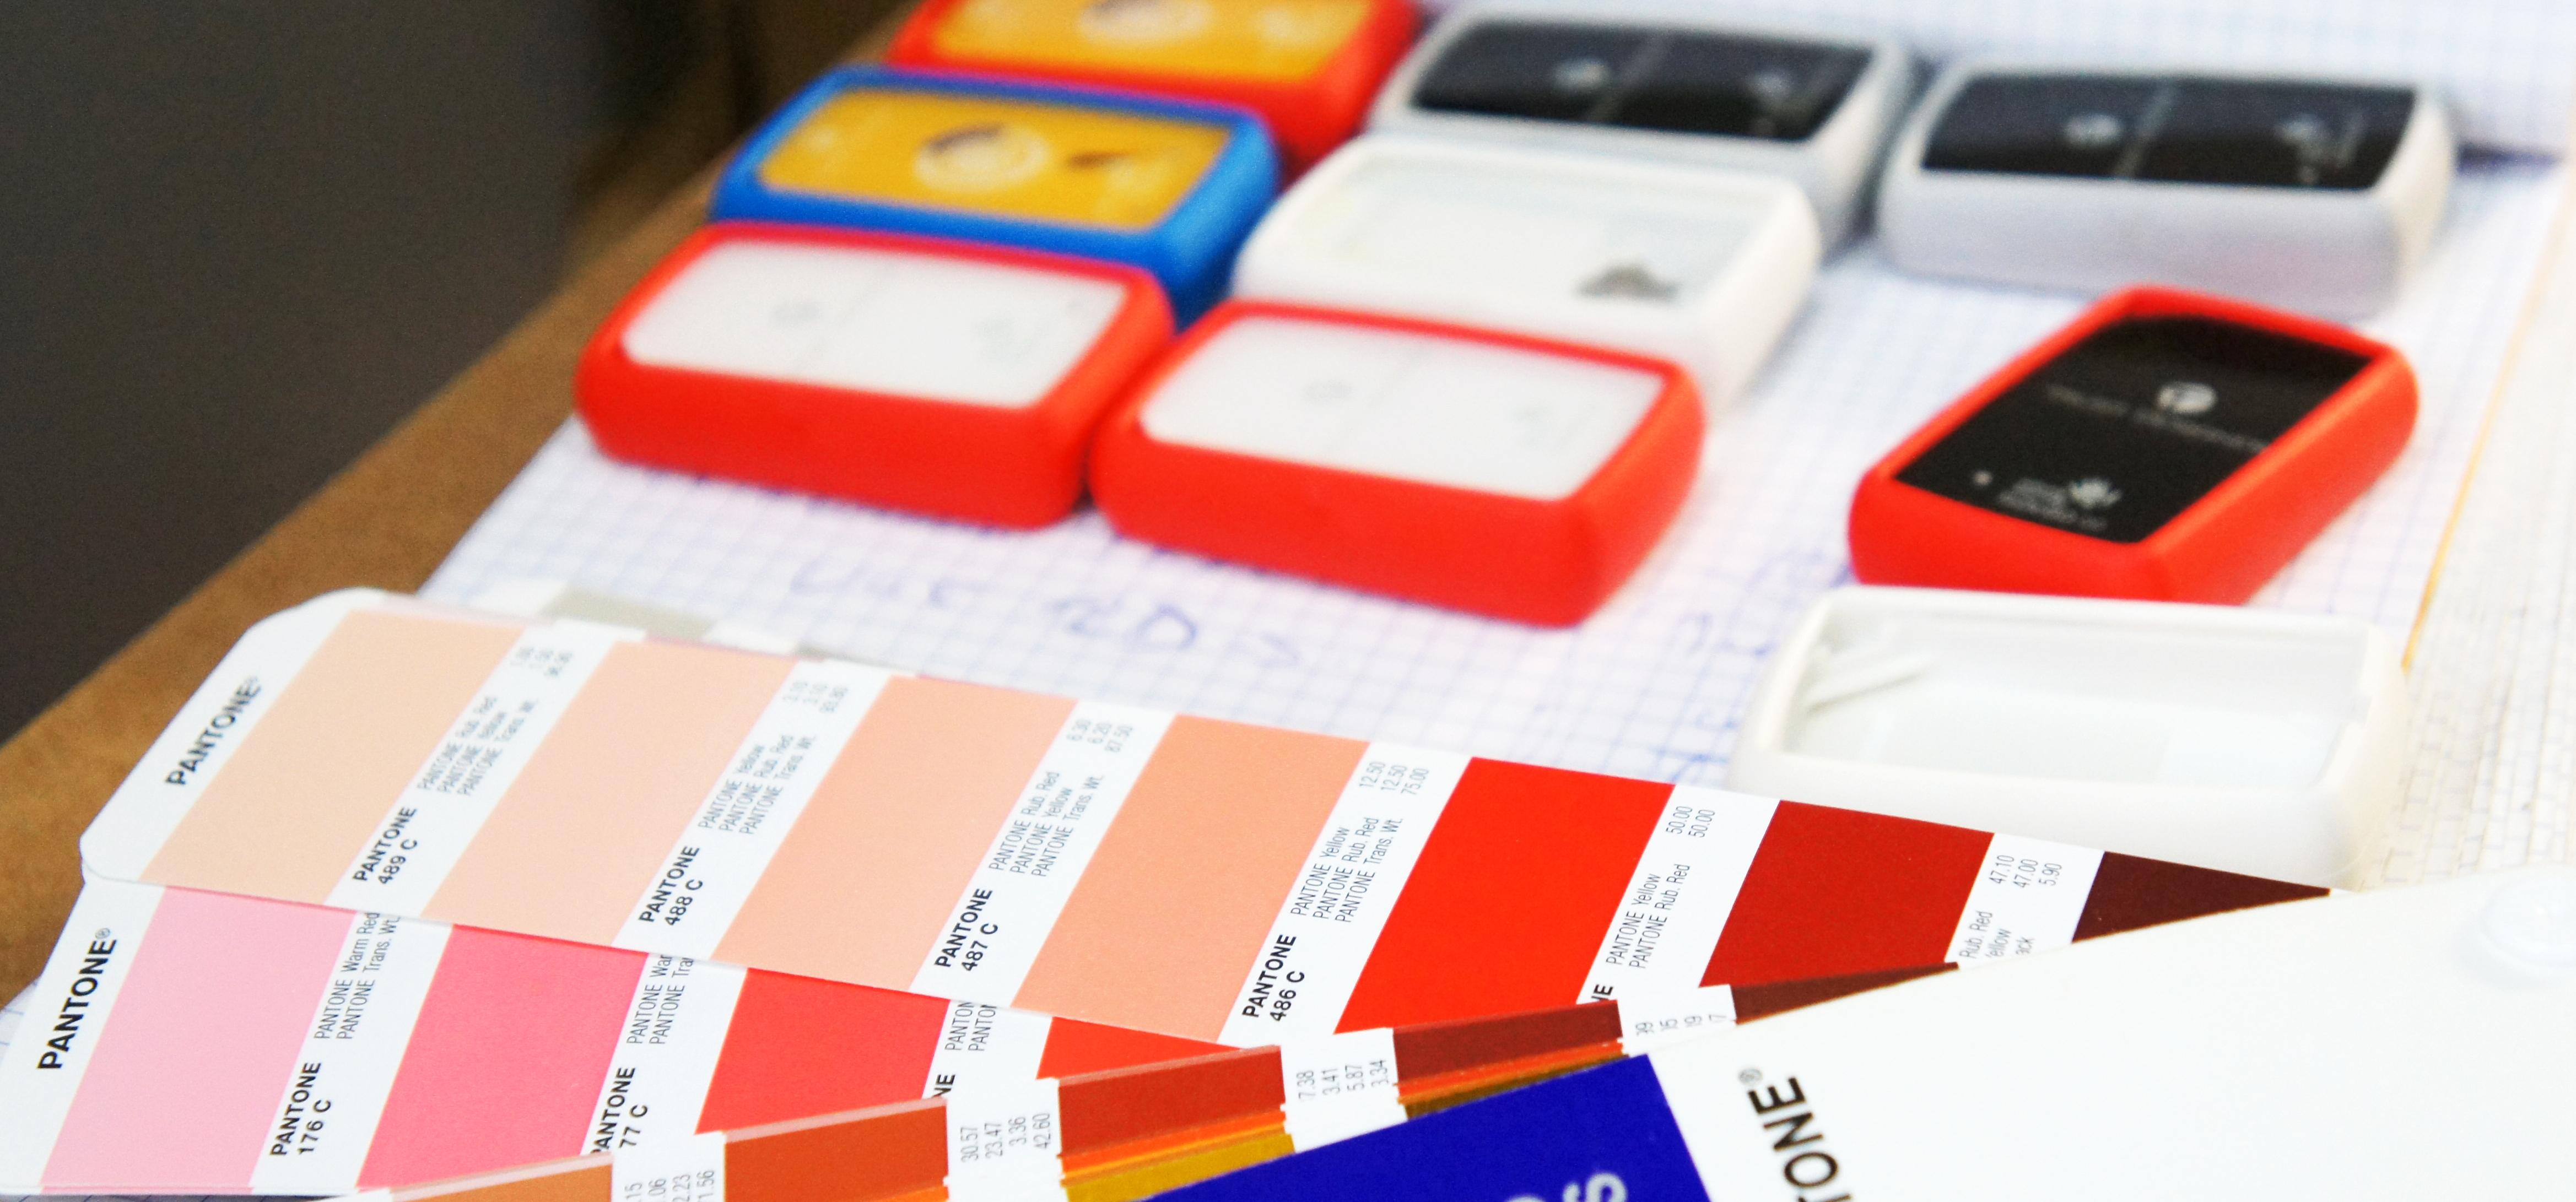 unistudio_trustdesigner_tedego_boitier_biometrique_design_couleur_01